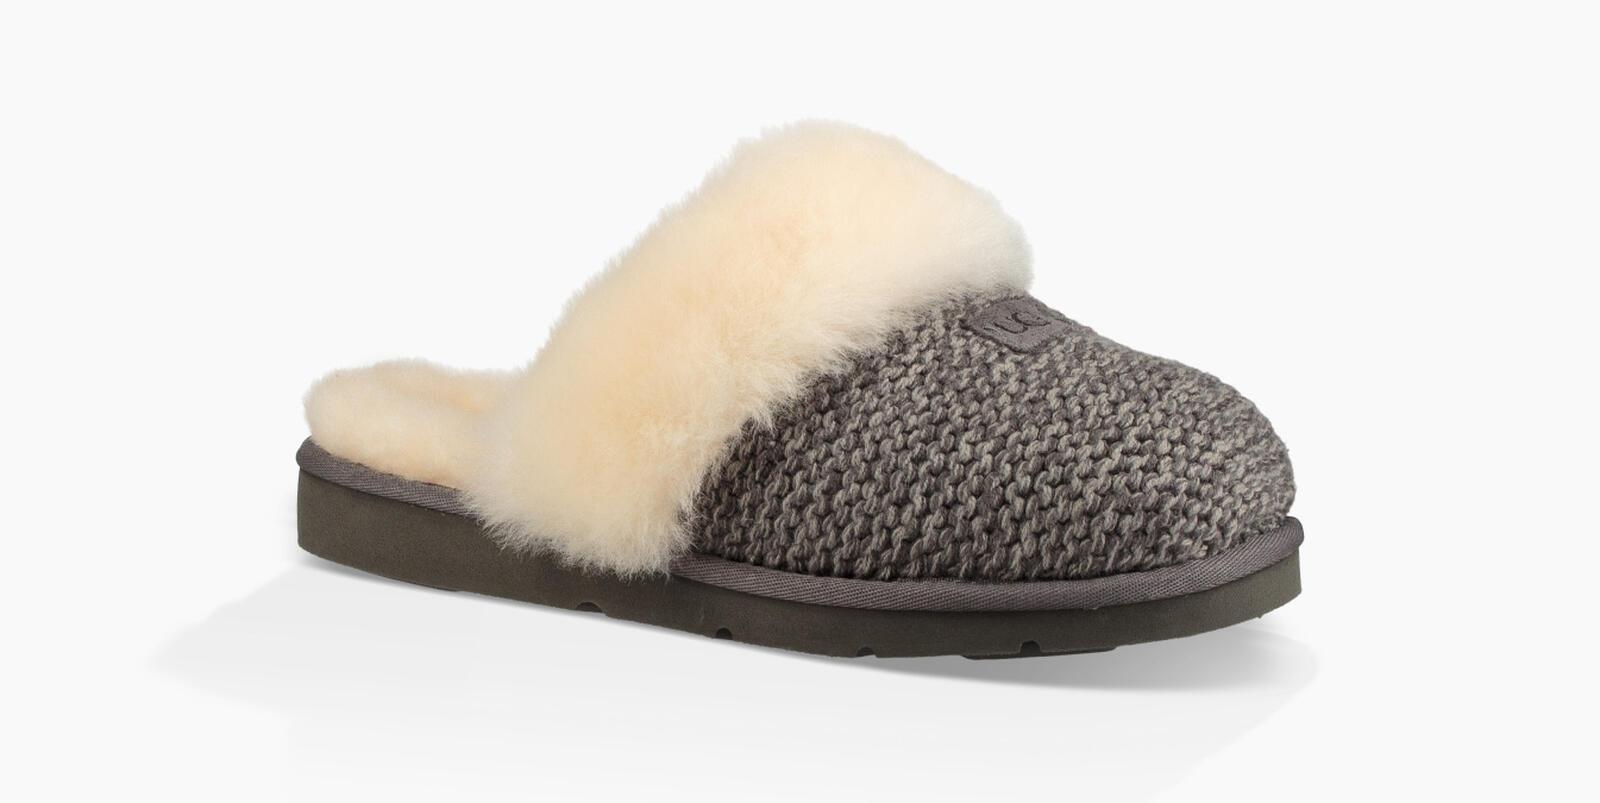 Cozy Knit Slipper